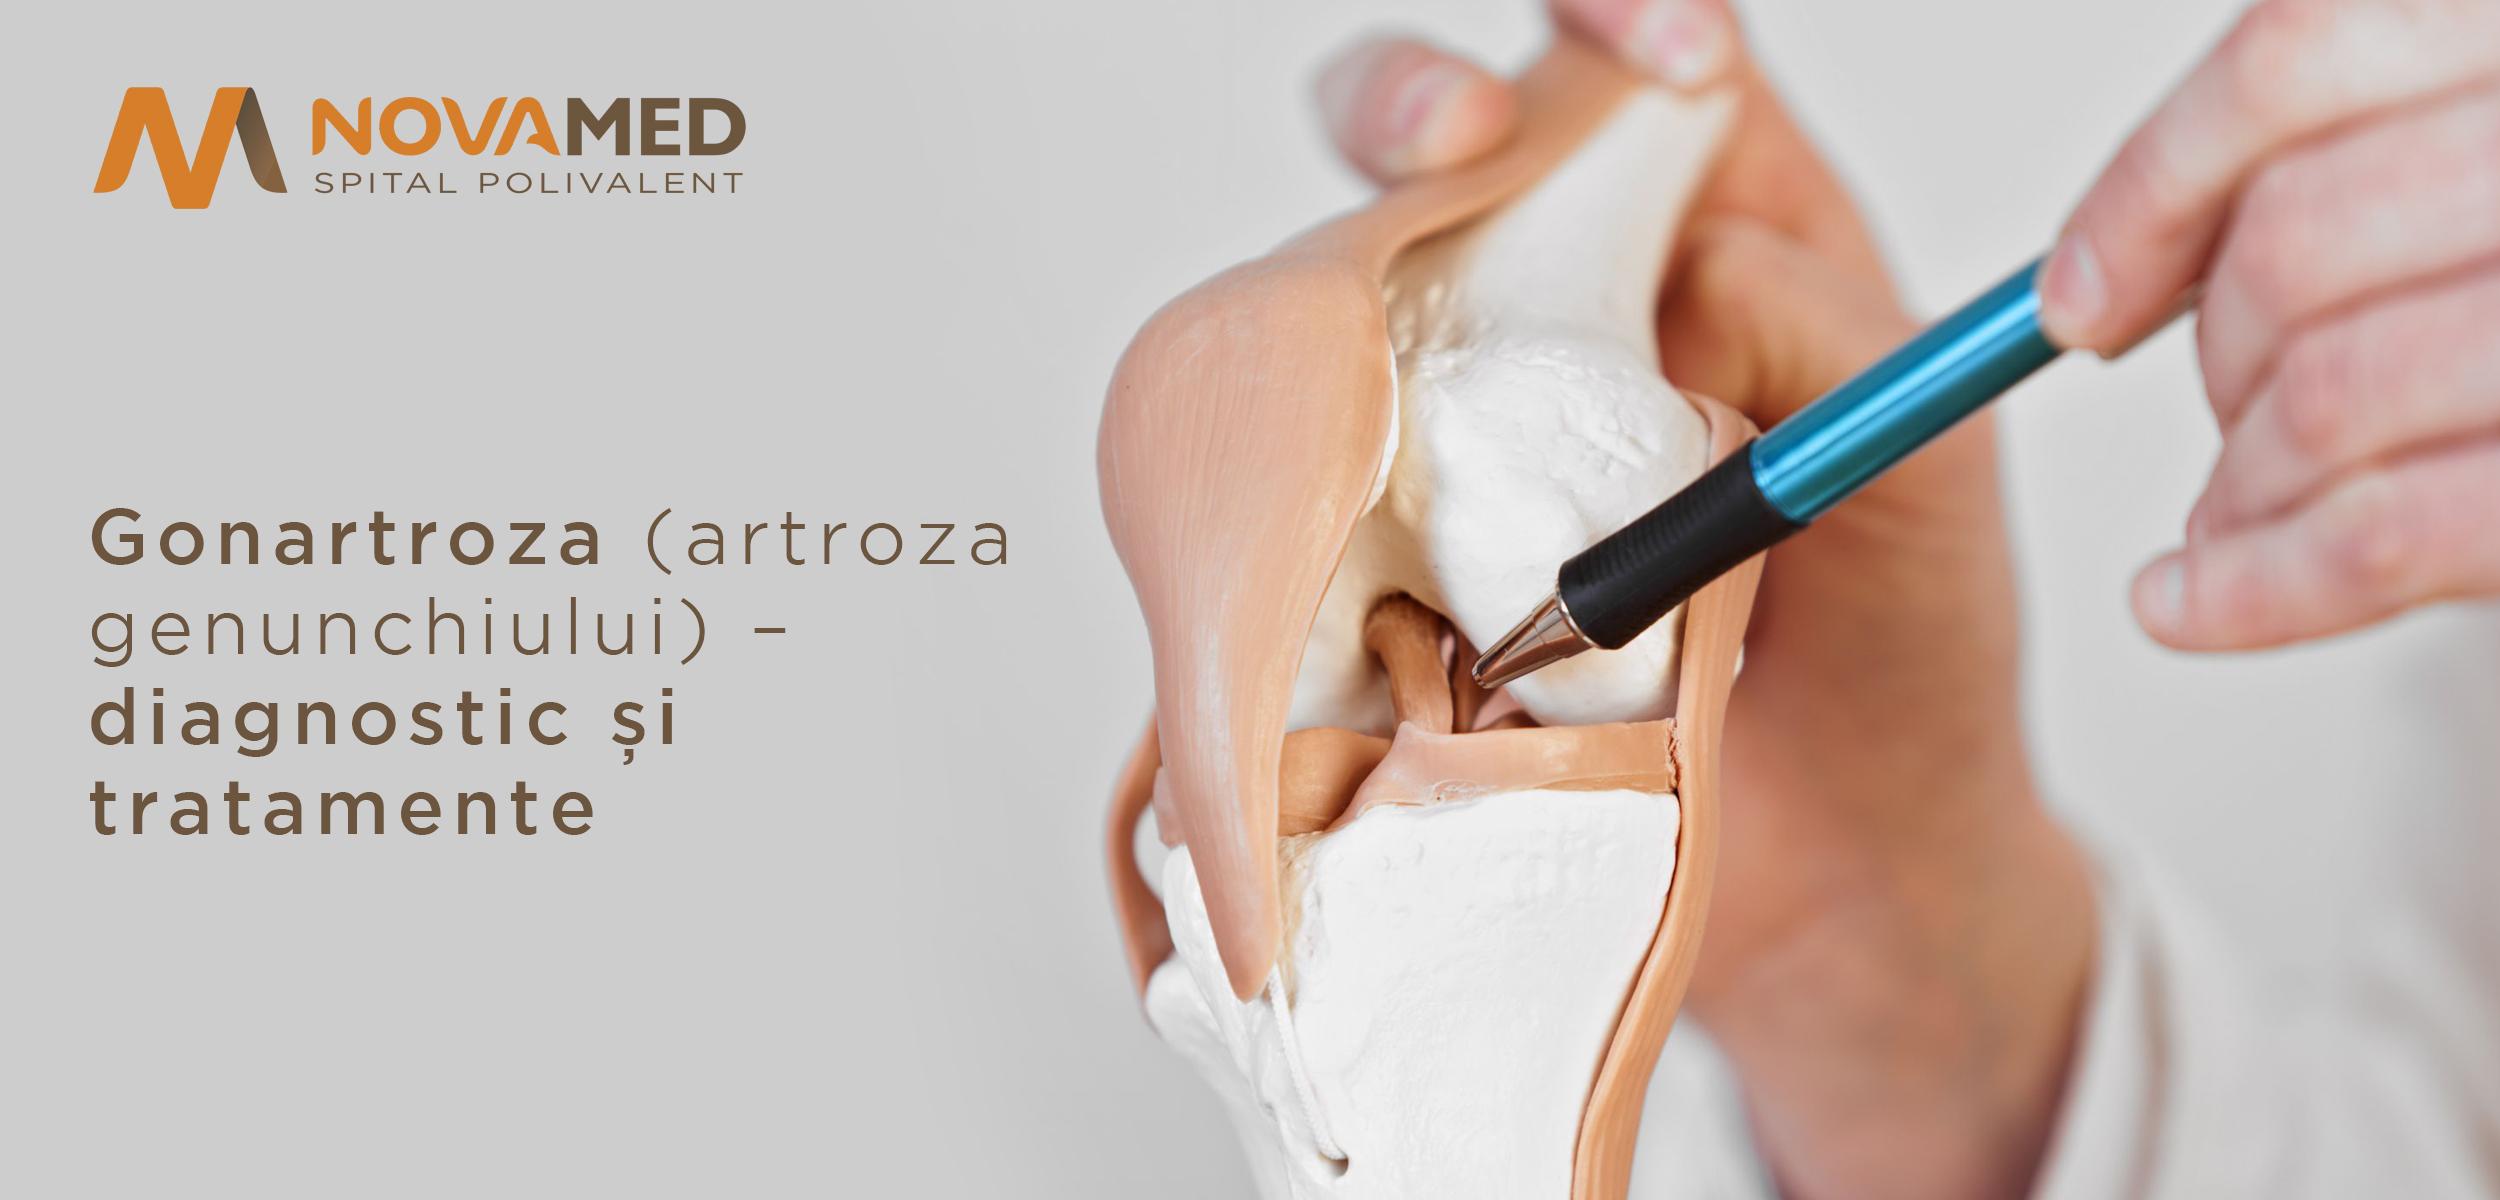 artroza care începe tratamentul unguente dureri articulare